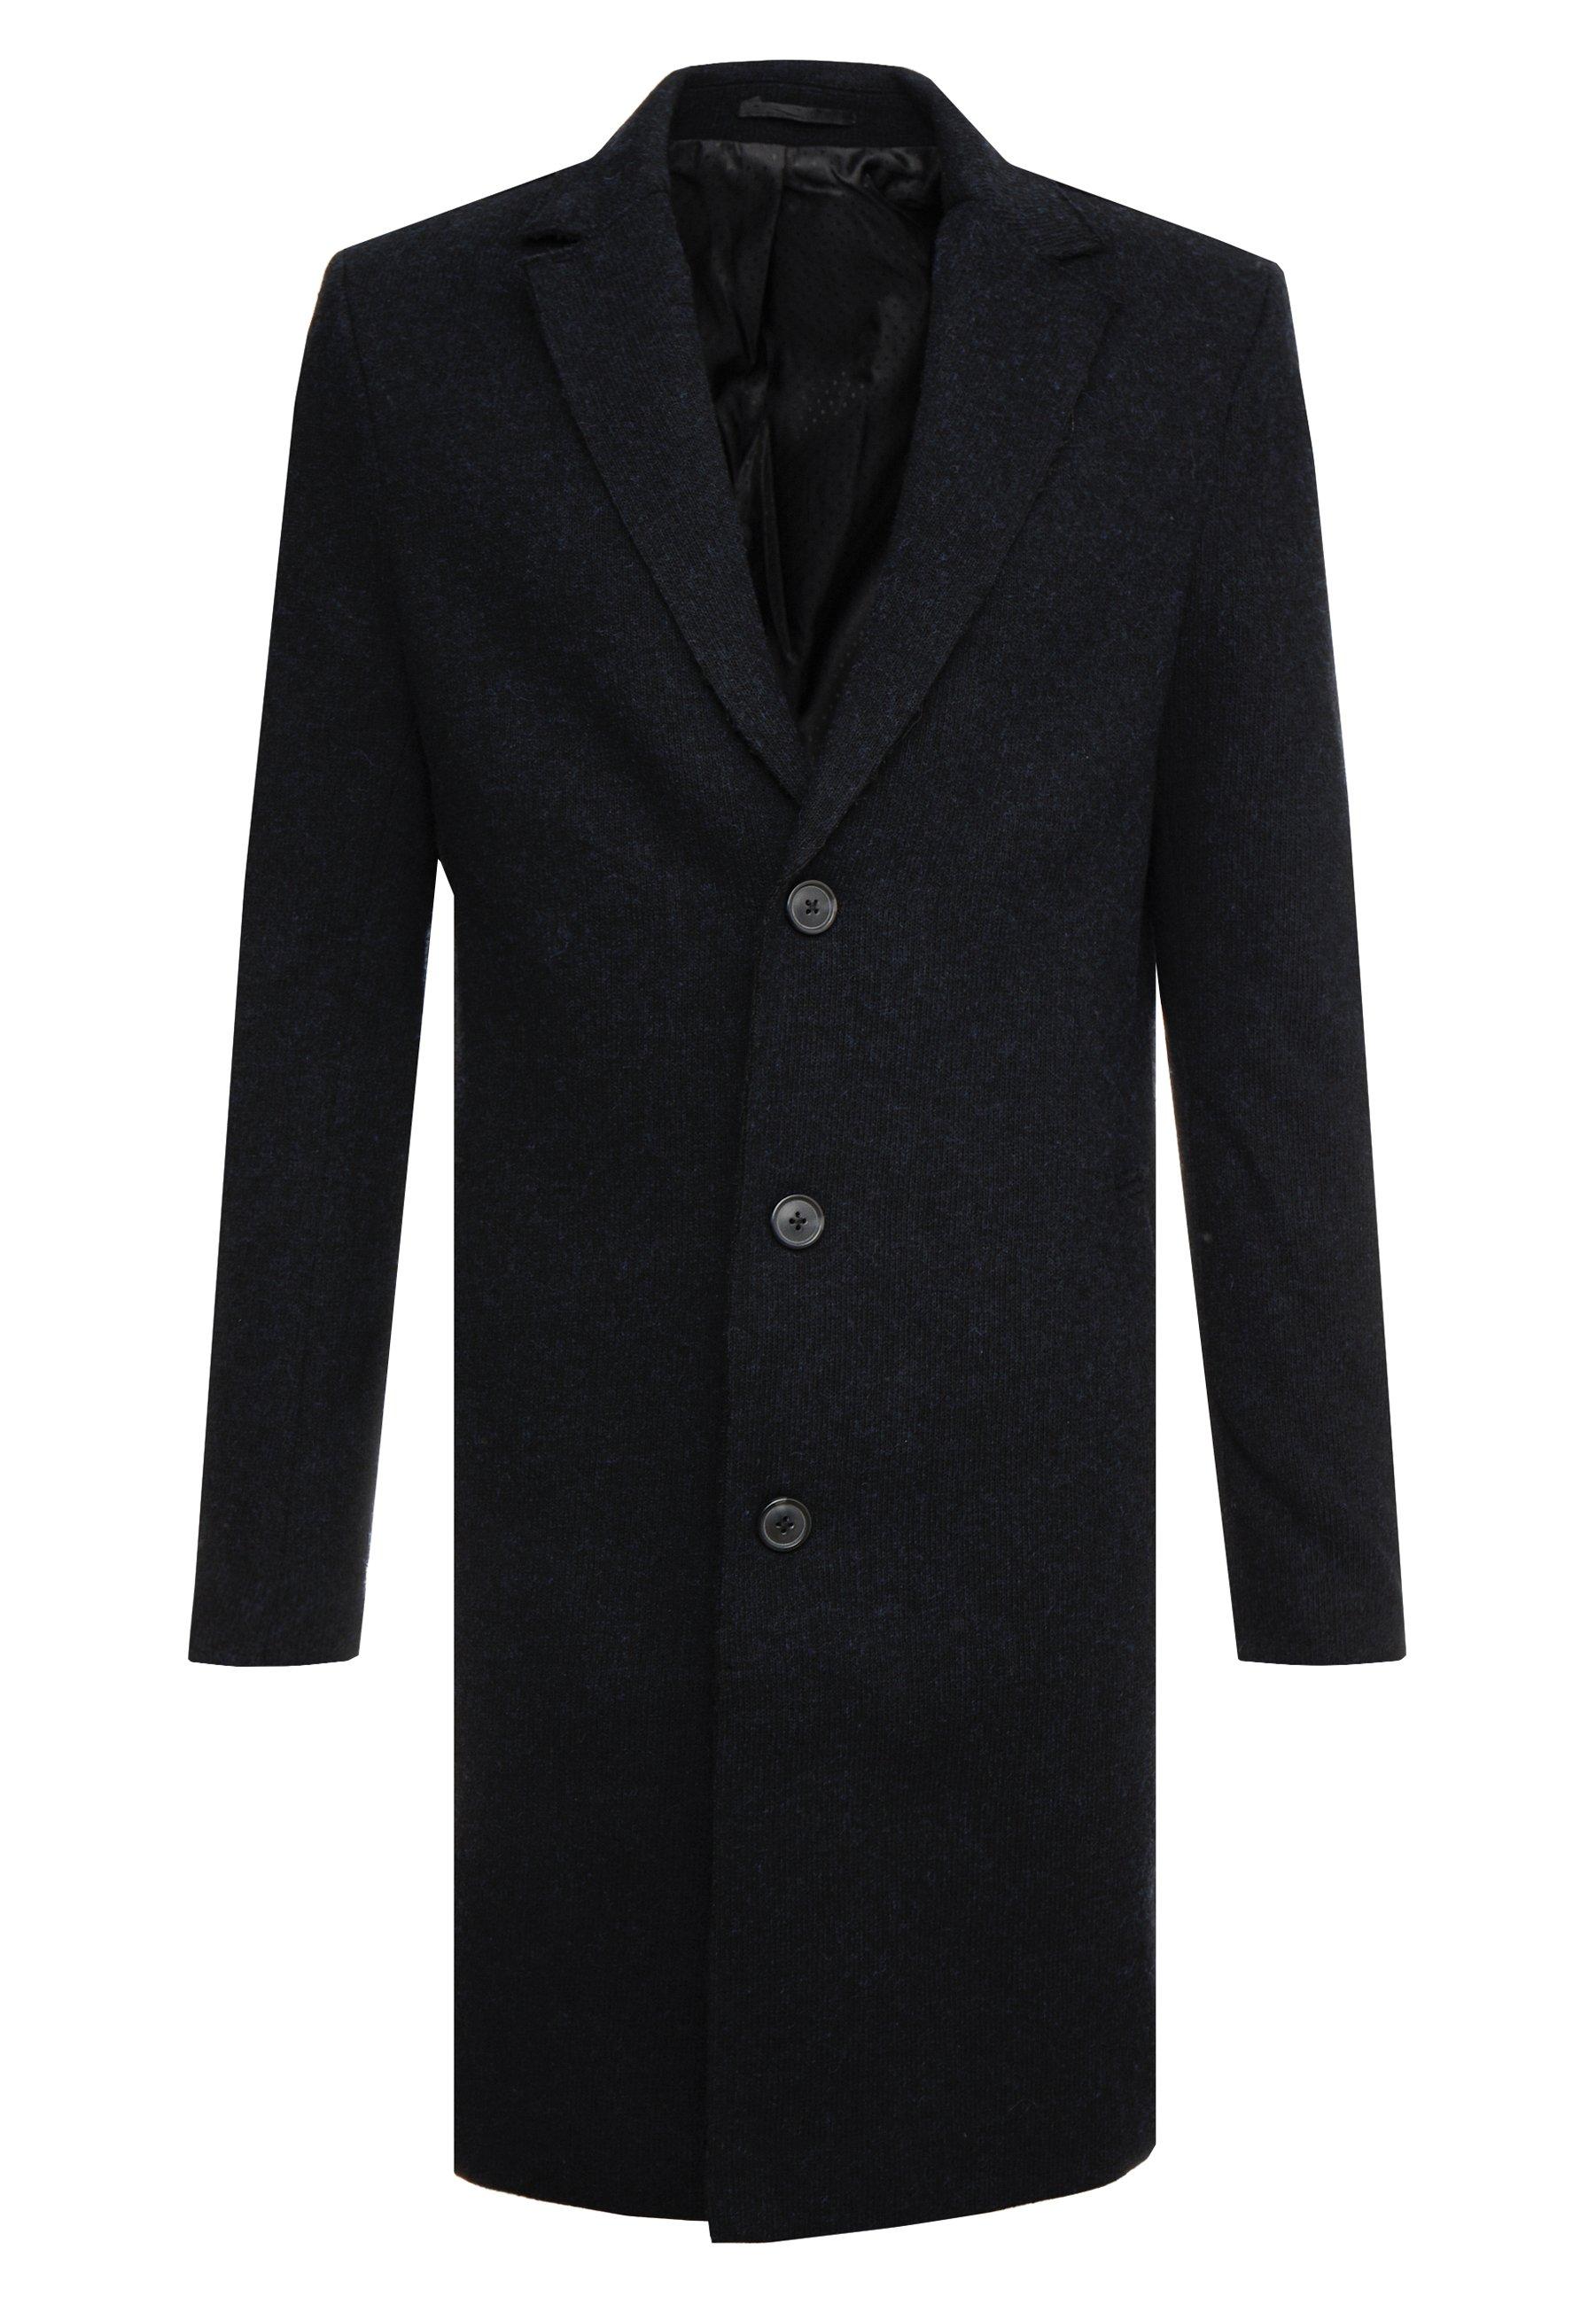 Pier One Płaszcz wełniany Płaszcz klasyczny black rozm M